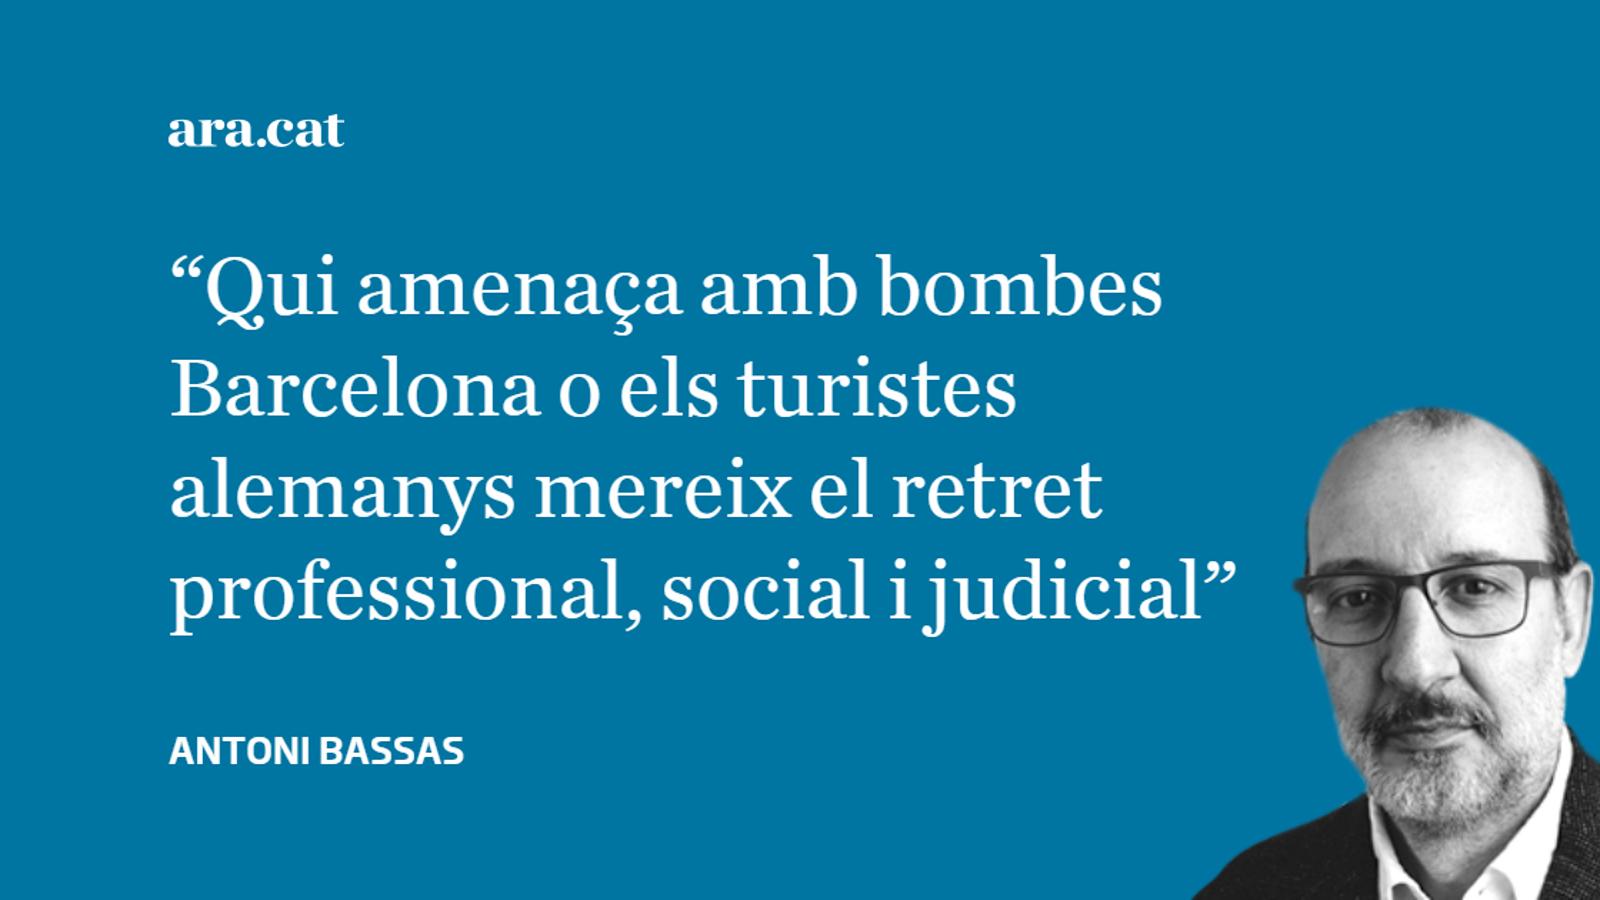 Actuar judicialment contra Jiménez Losantos